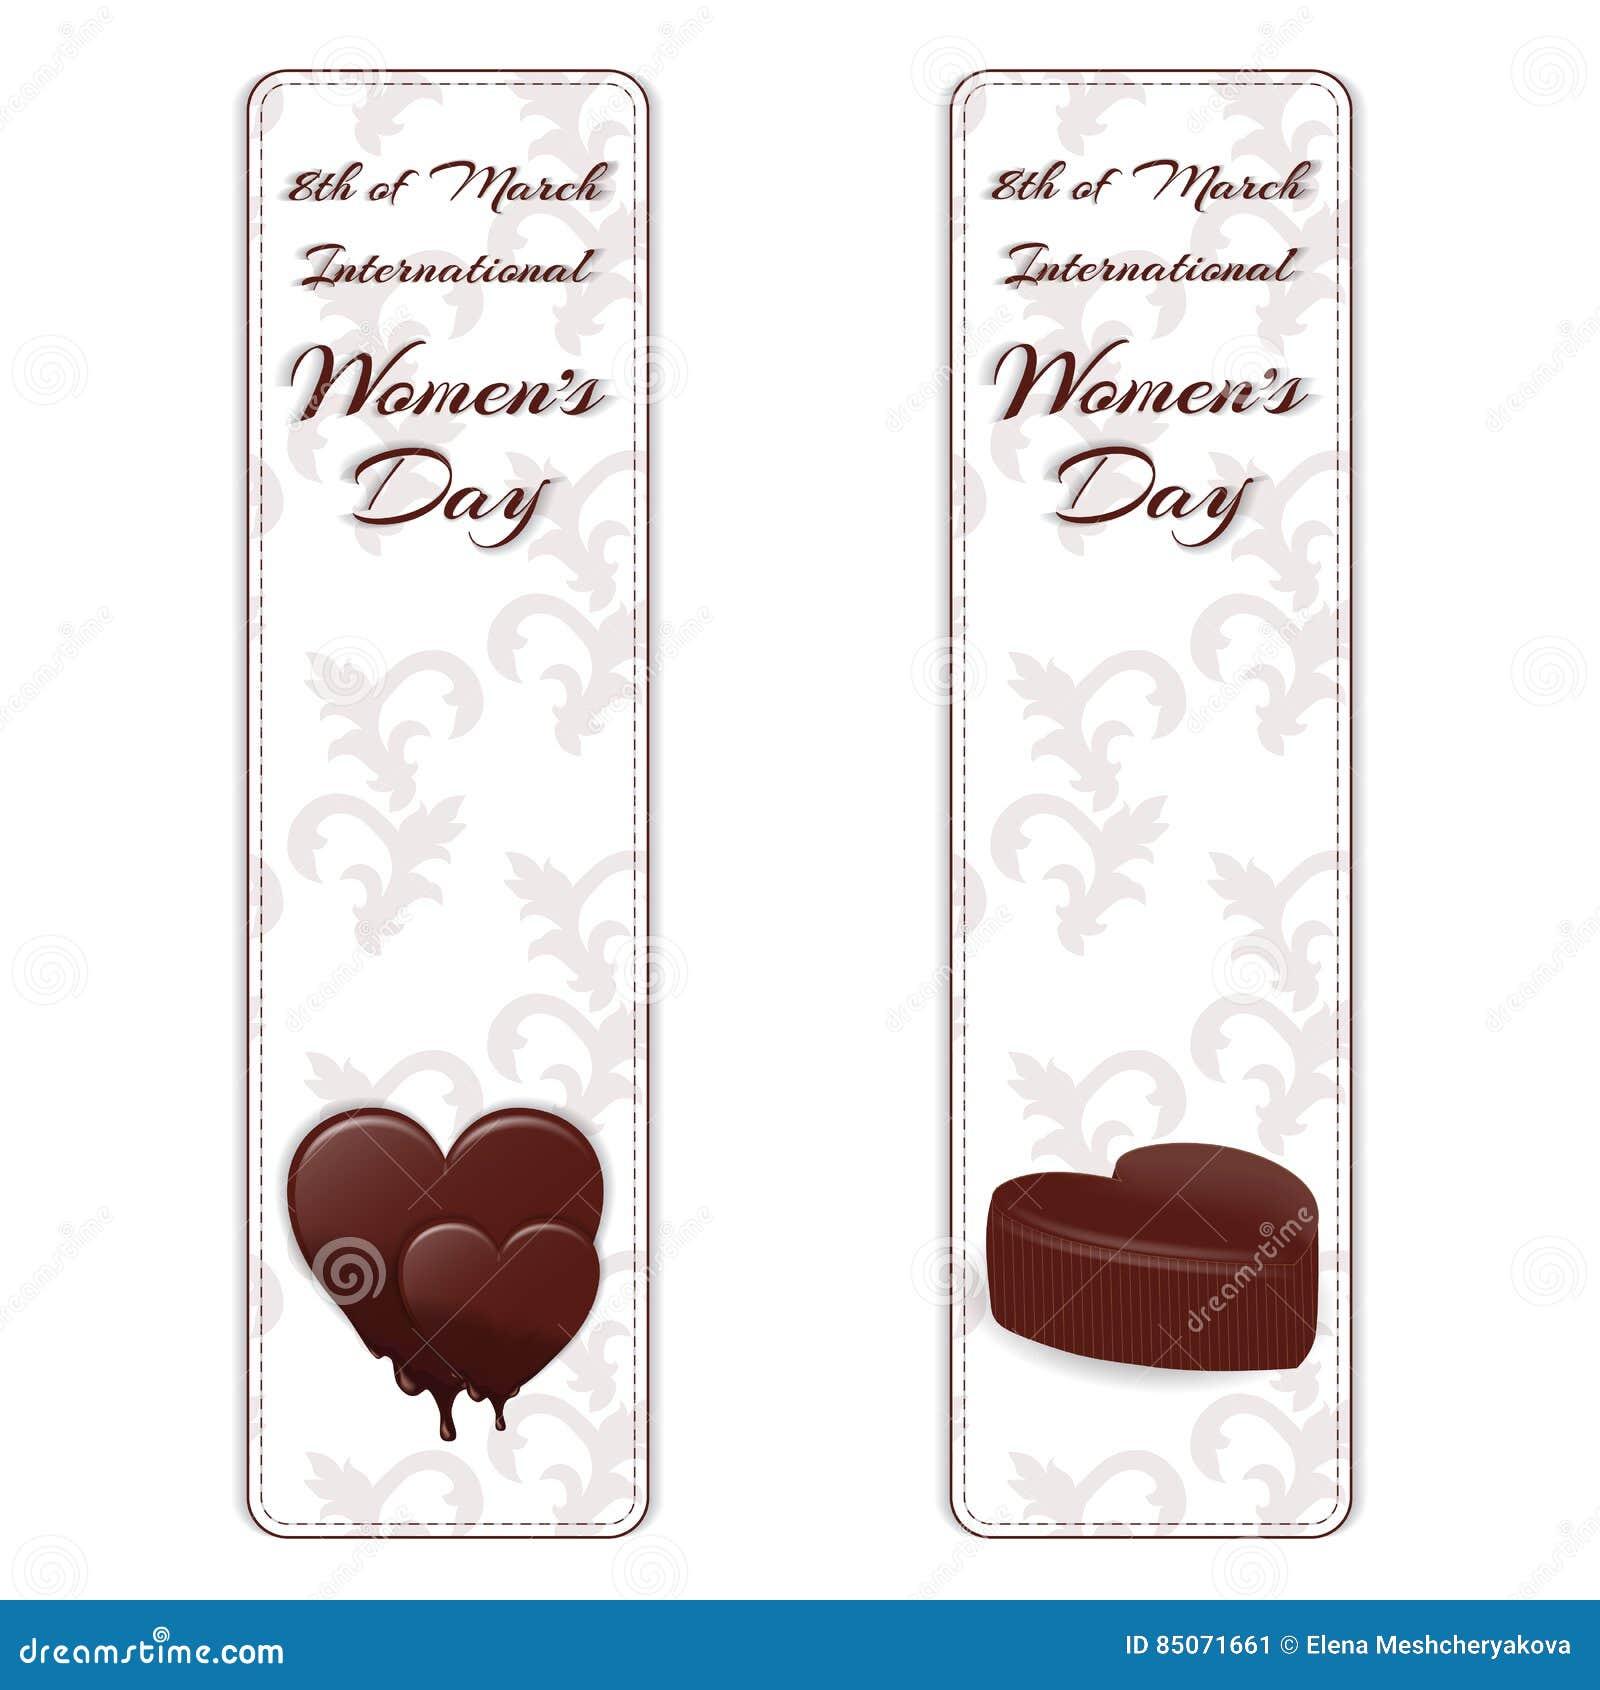 Σύνολο δύο κάθετων εμβλημάτων με την άσπρη διακόσμηση, καρδιές σοκολάτας και χαρακτηρισμένος η διεθνής ημέρα γυναικών ` s στις 8